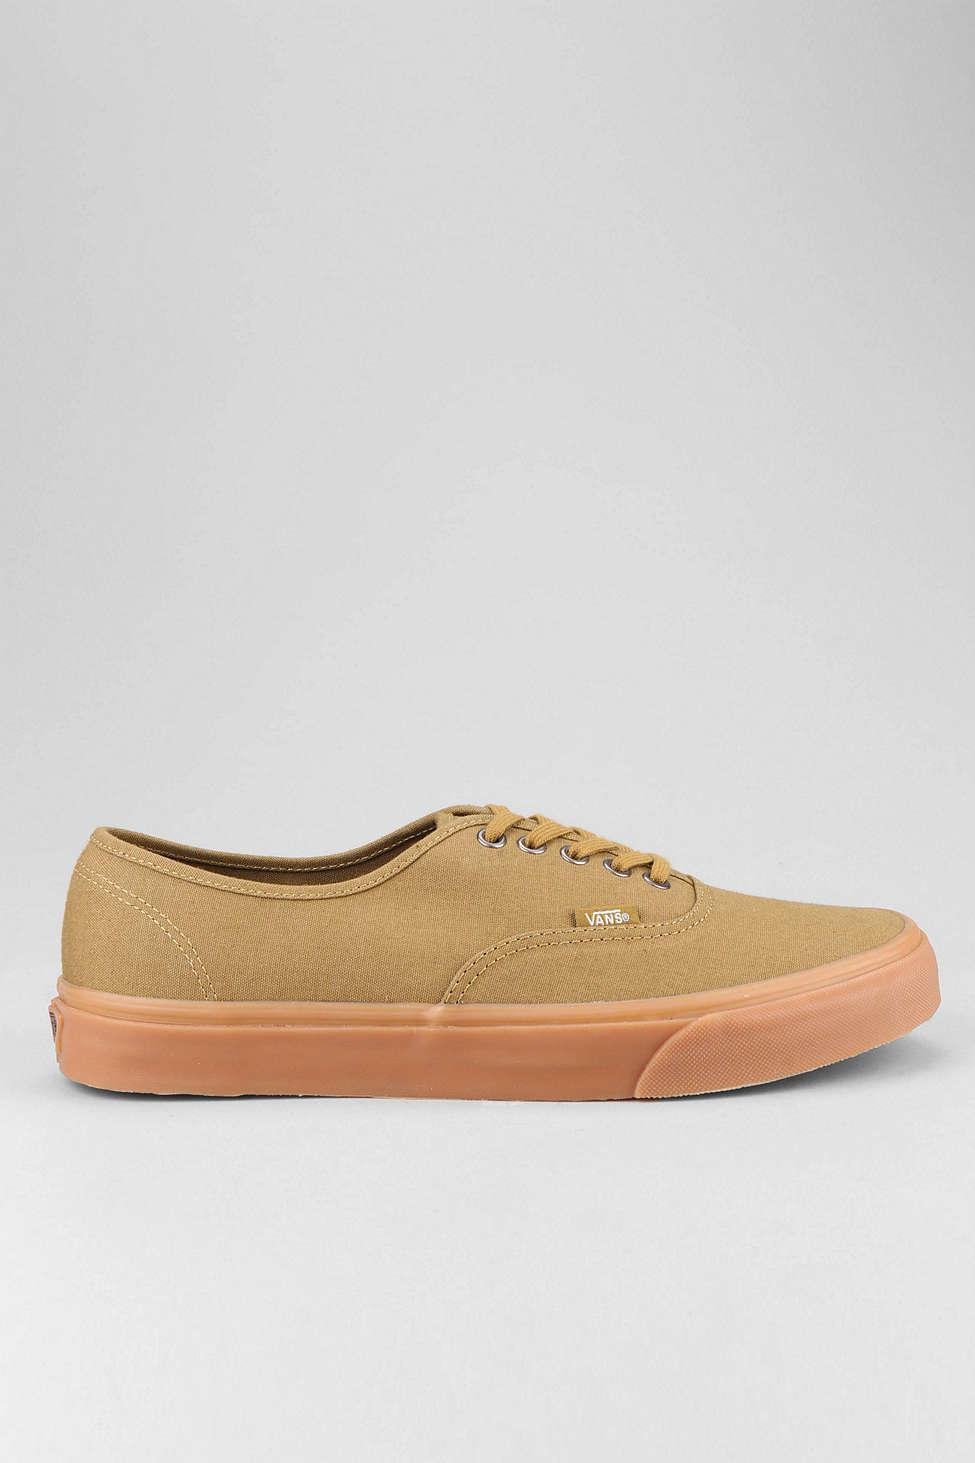 4efc52597457de Lyst - Vans Authentic Gum Sole Sneaker in Brown for Men